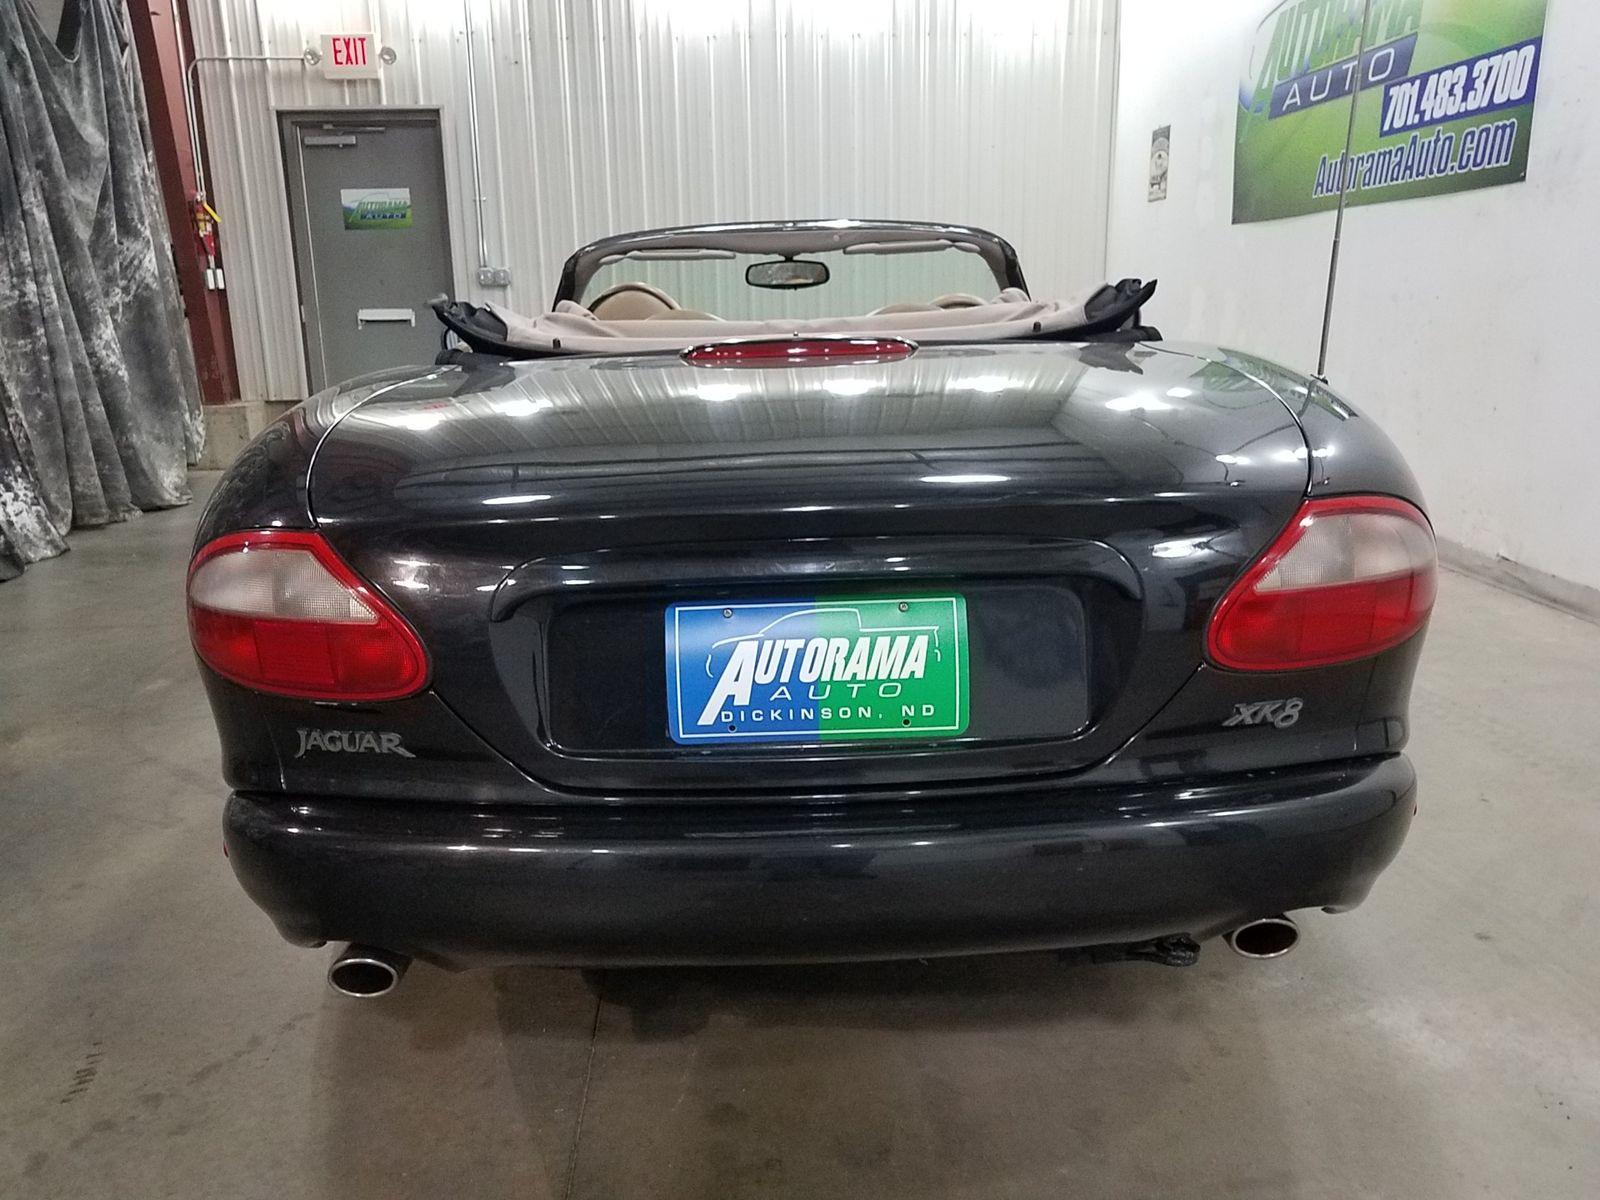 ... 1997 Jaguar XK8 Convertible City ND AutoRama Auto Sales In Dickinson,  ...